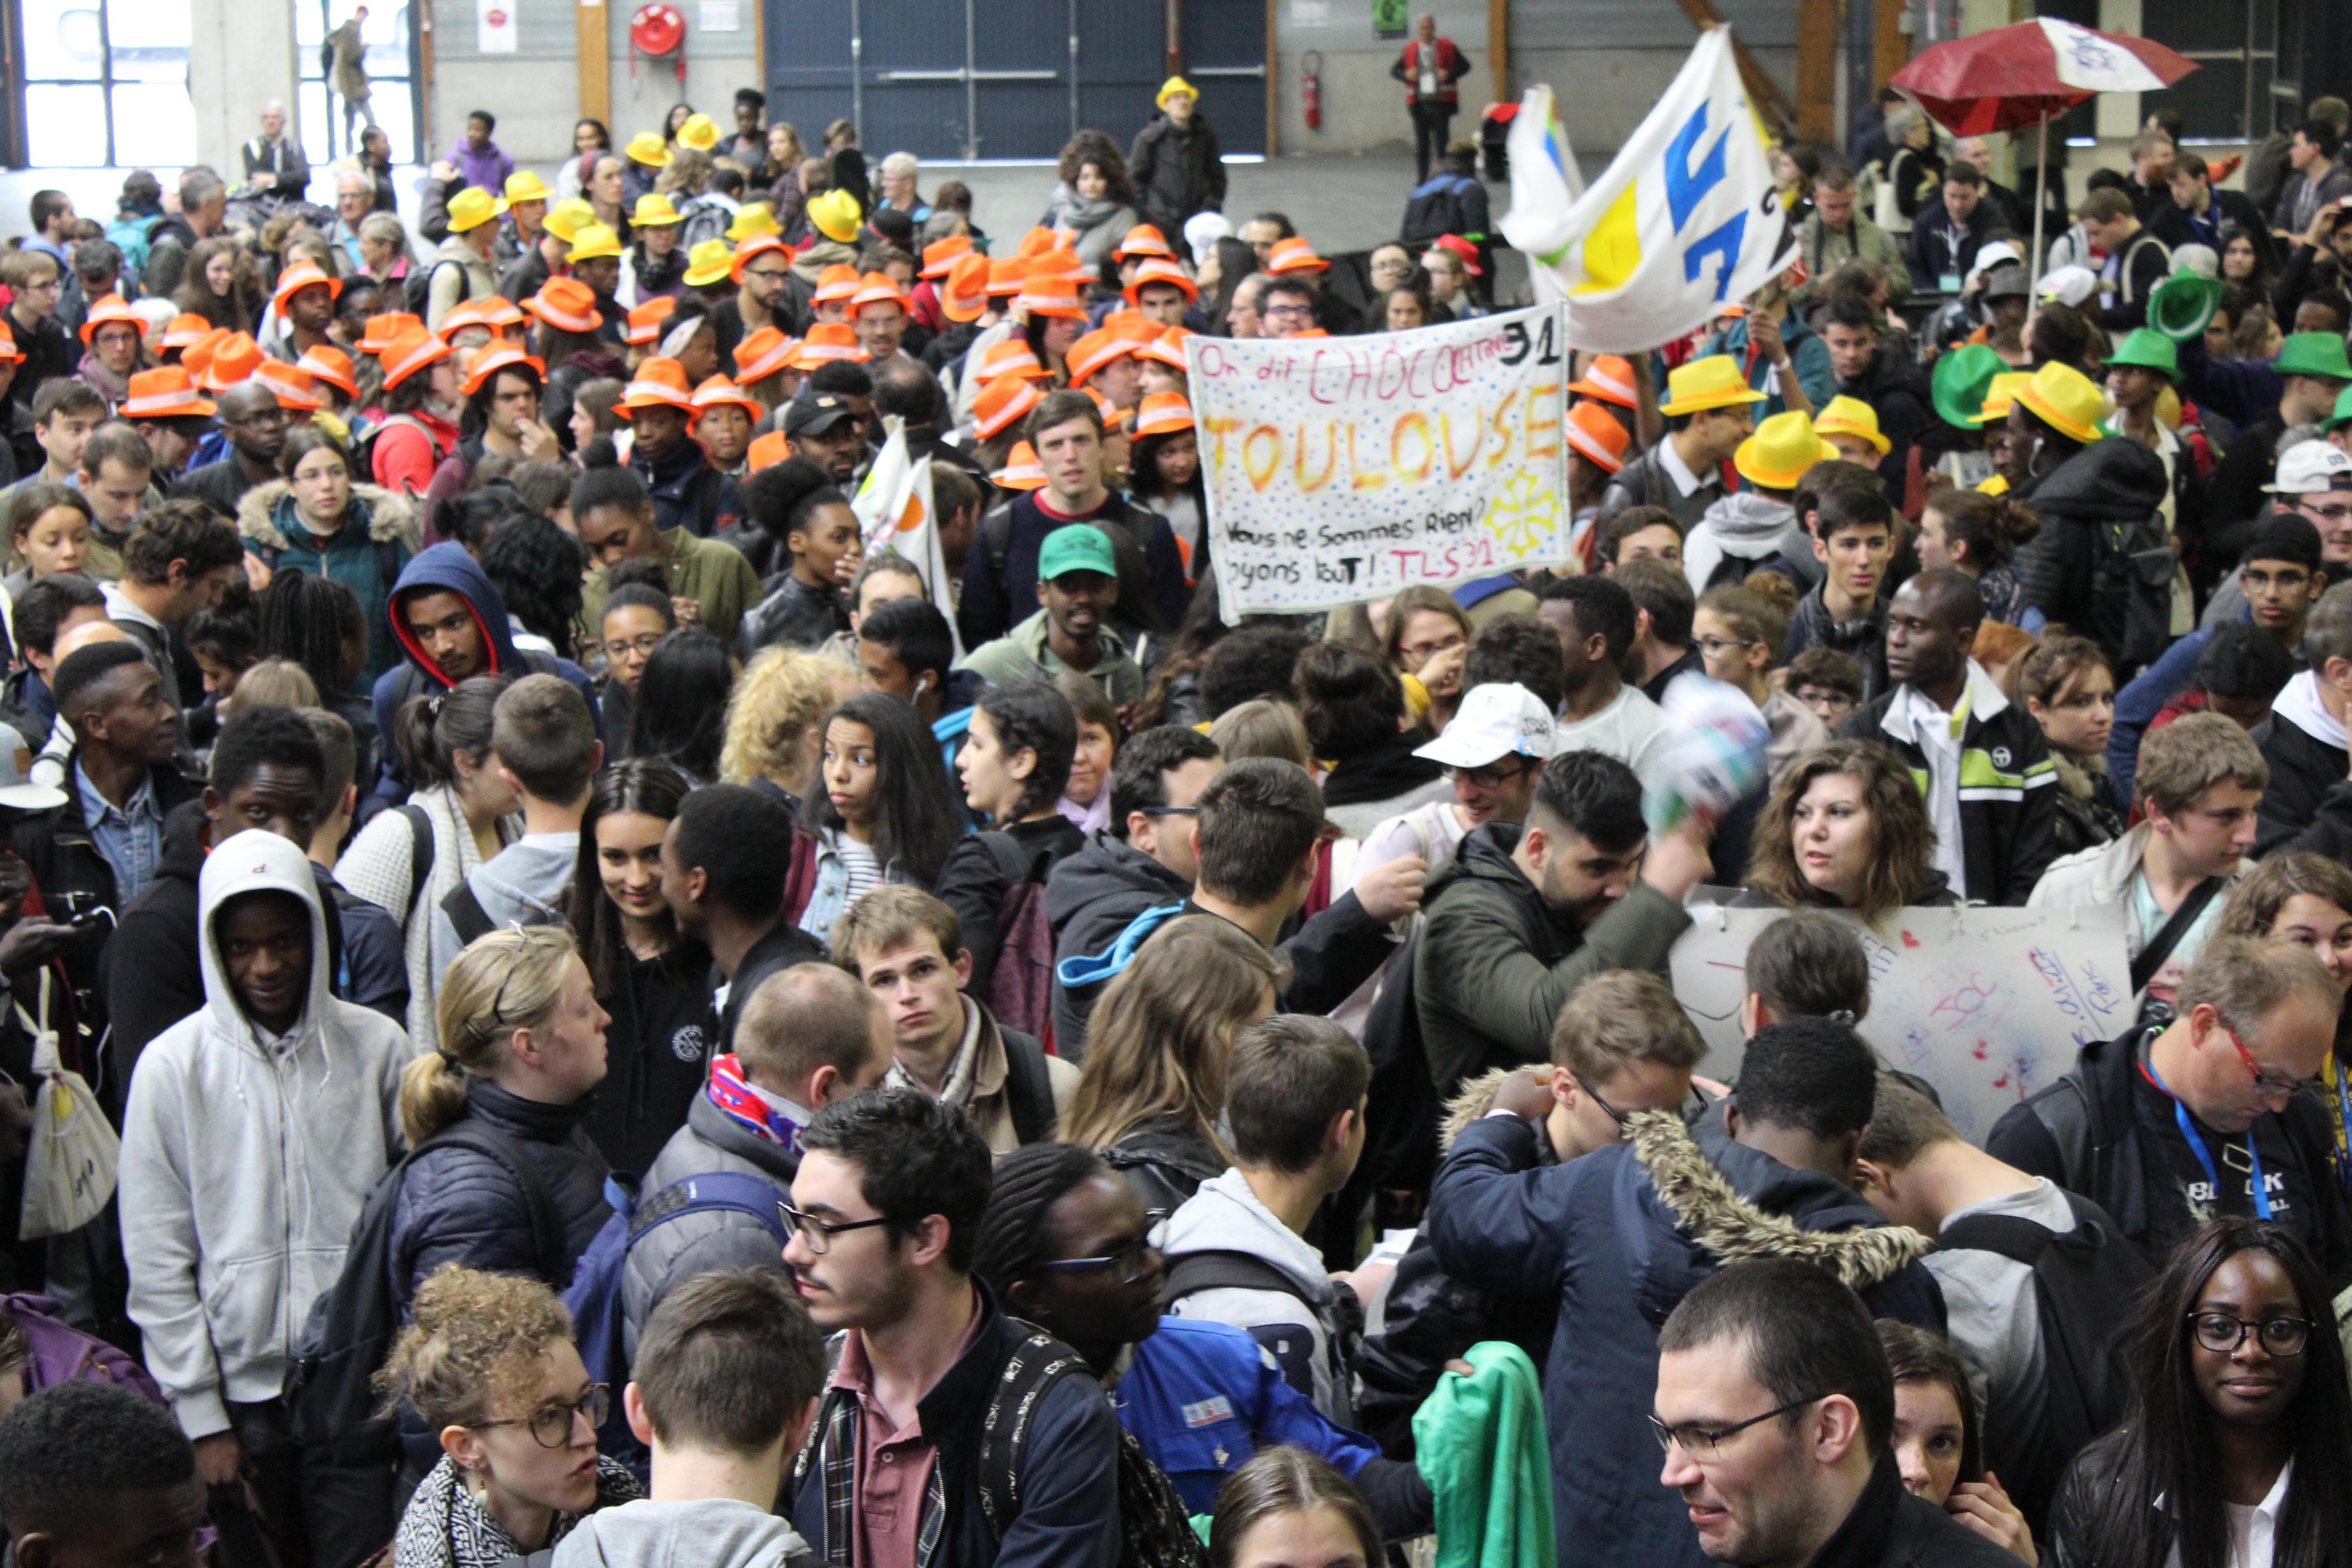 Mettre les travailleur·euse·s d'Europe sur un pied d'égalité - Jeunesse Ouvrière Chrétienne